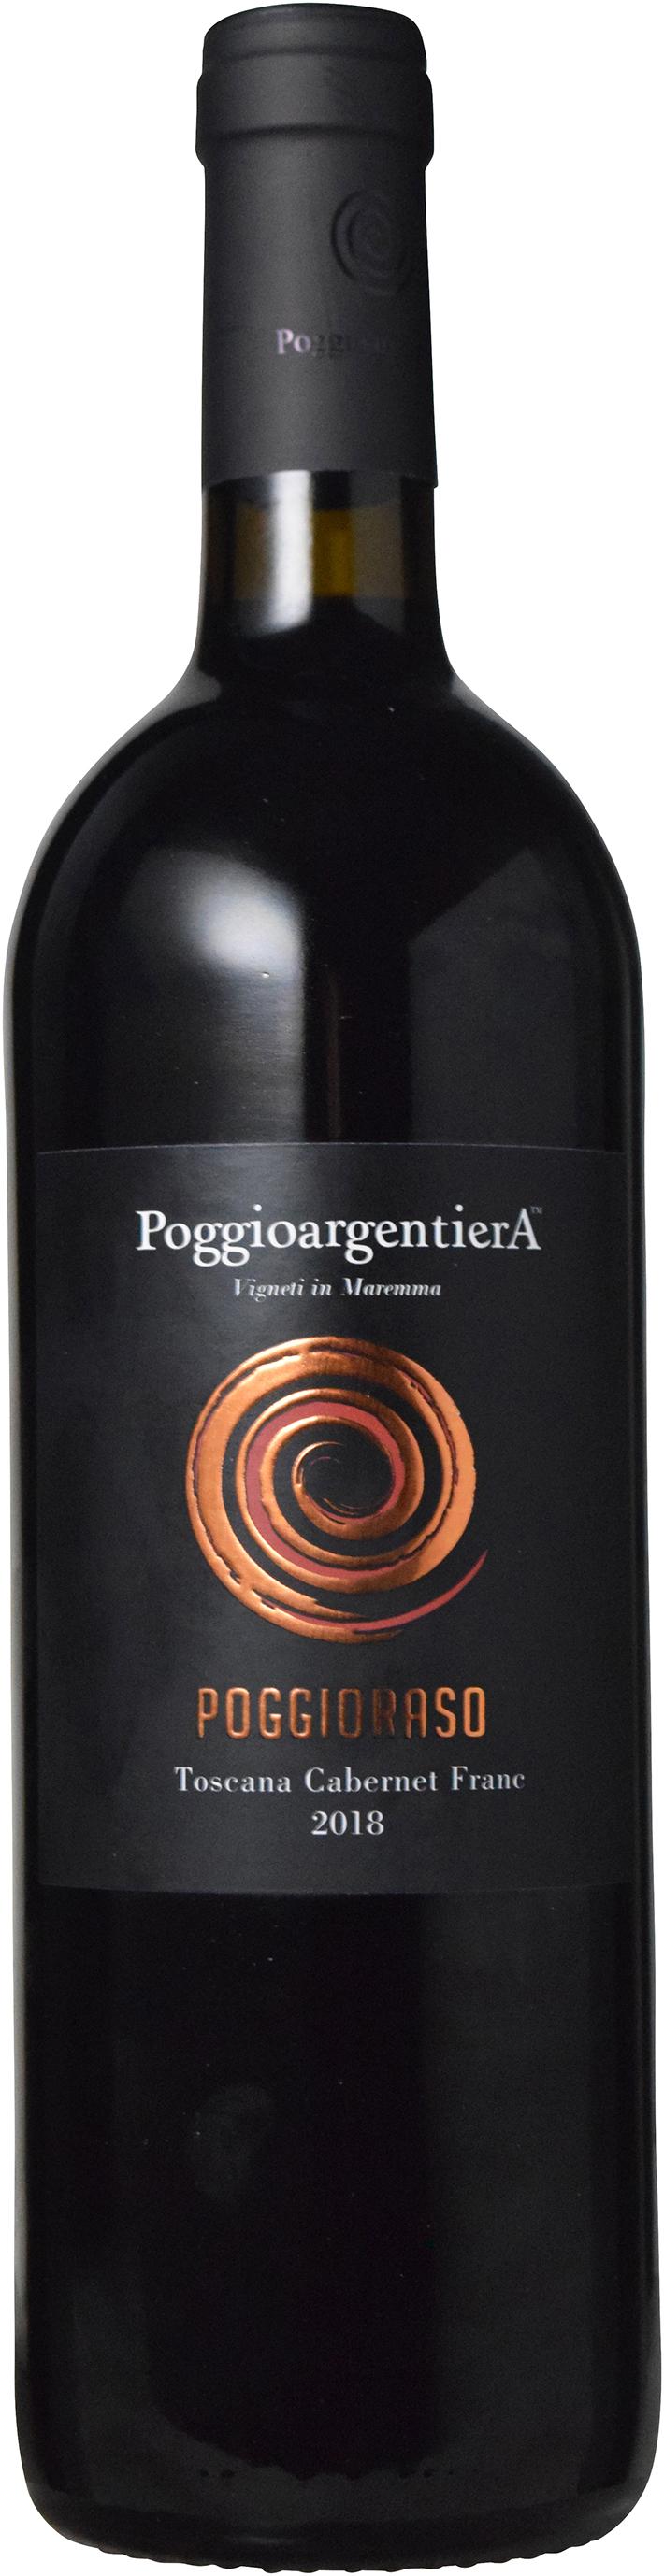 海外ワイン専門誌評価歴 2018 ルカ マローニ 2021 99点 新作通販 ジェームス 日本限定 サックリング ポッジョラーゾ2018 Toscana Cabernet 93点 IGT Poggioraso Franc